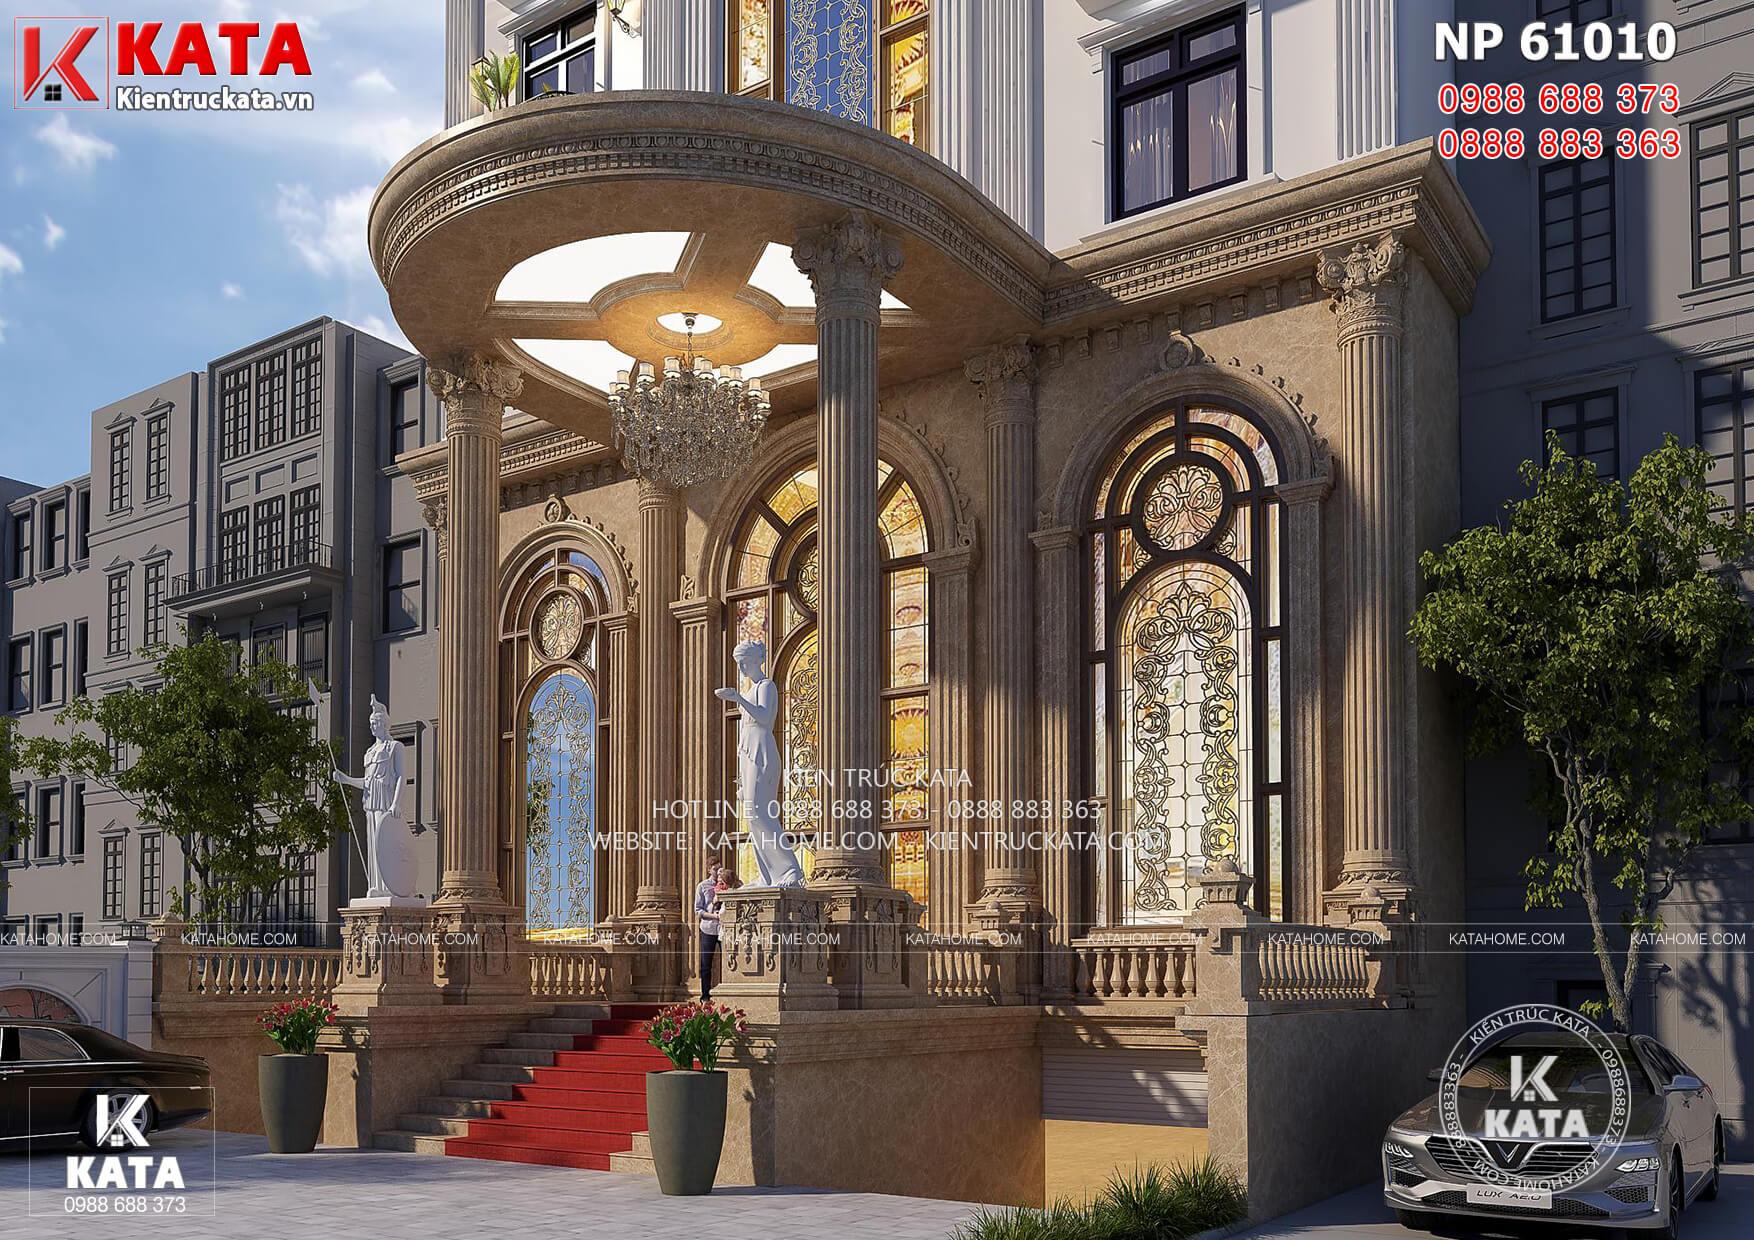 Chi tiết kiến trúc sảnh chính của mẫu khách sạn tân cổ điển đẳng cấp